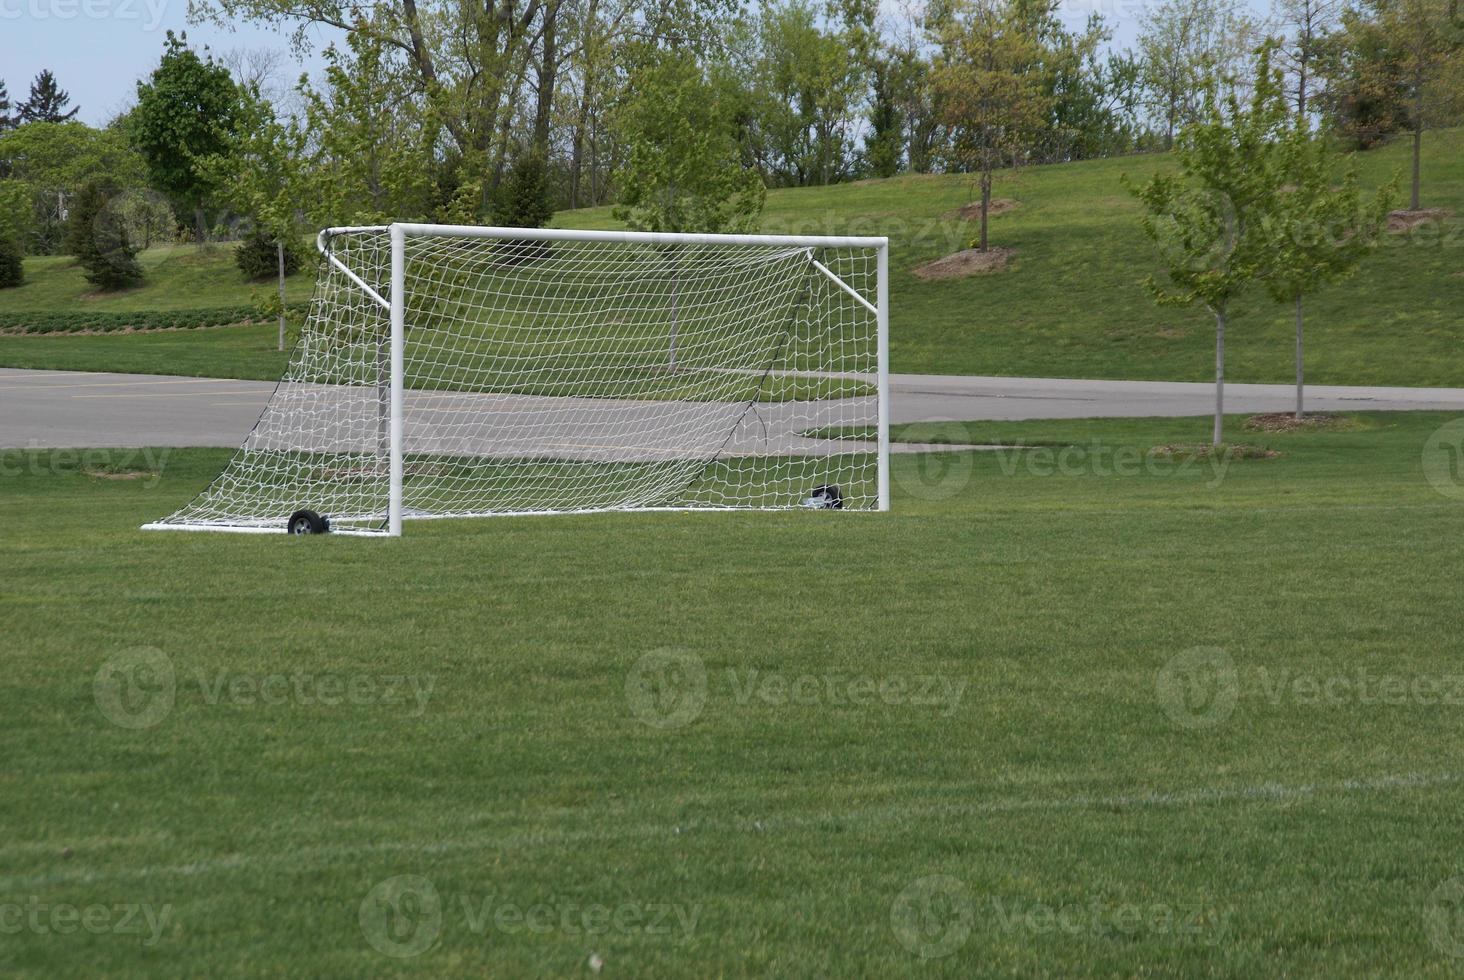 fotbollsnät foto